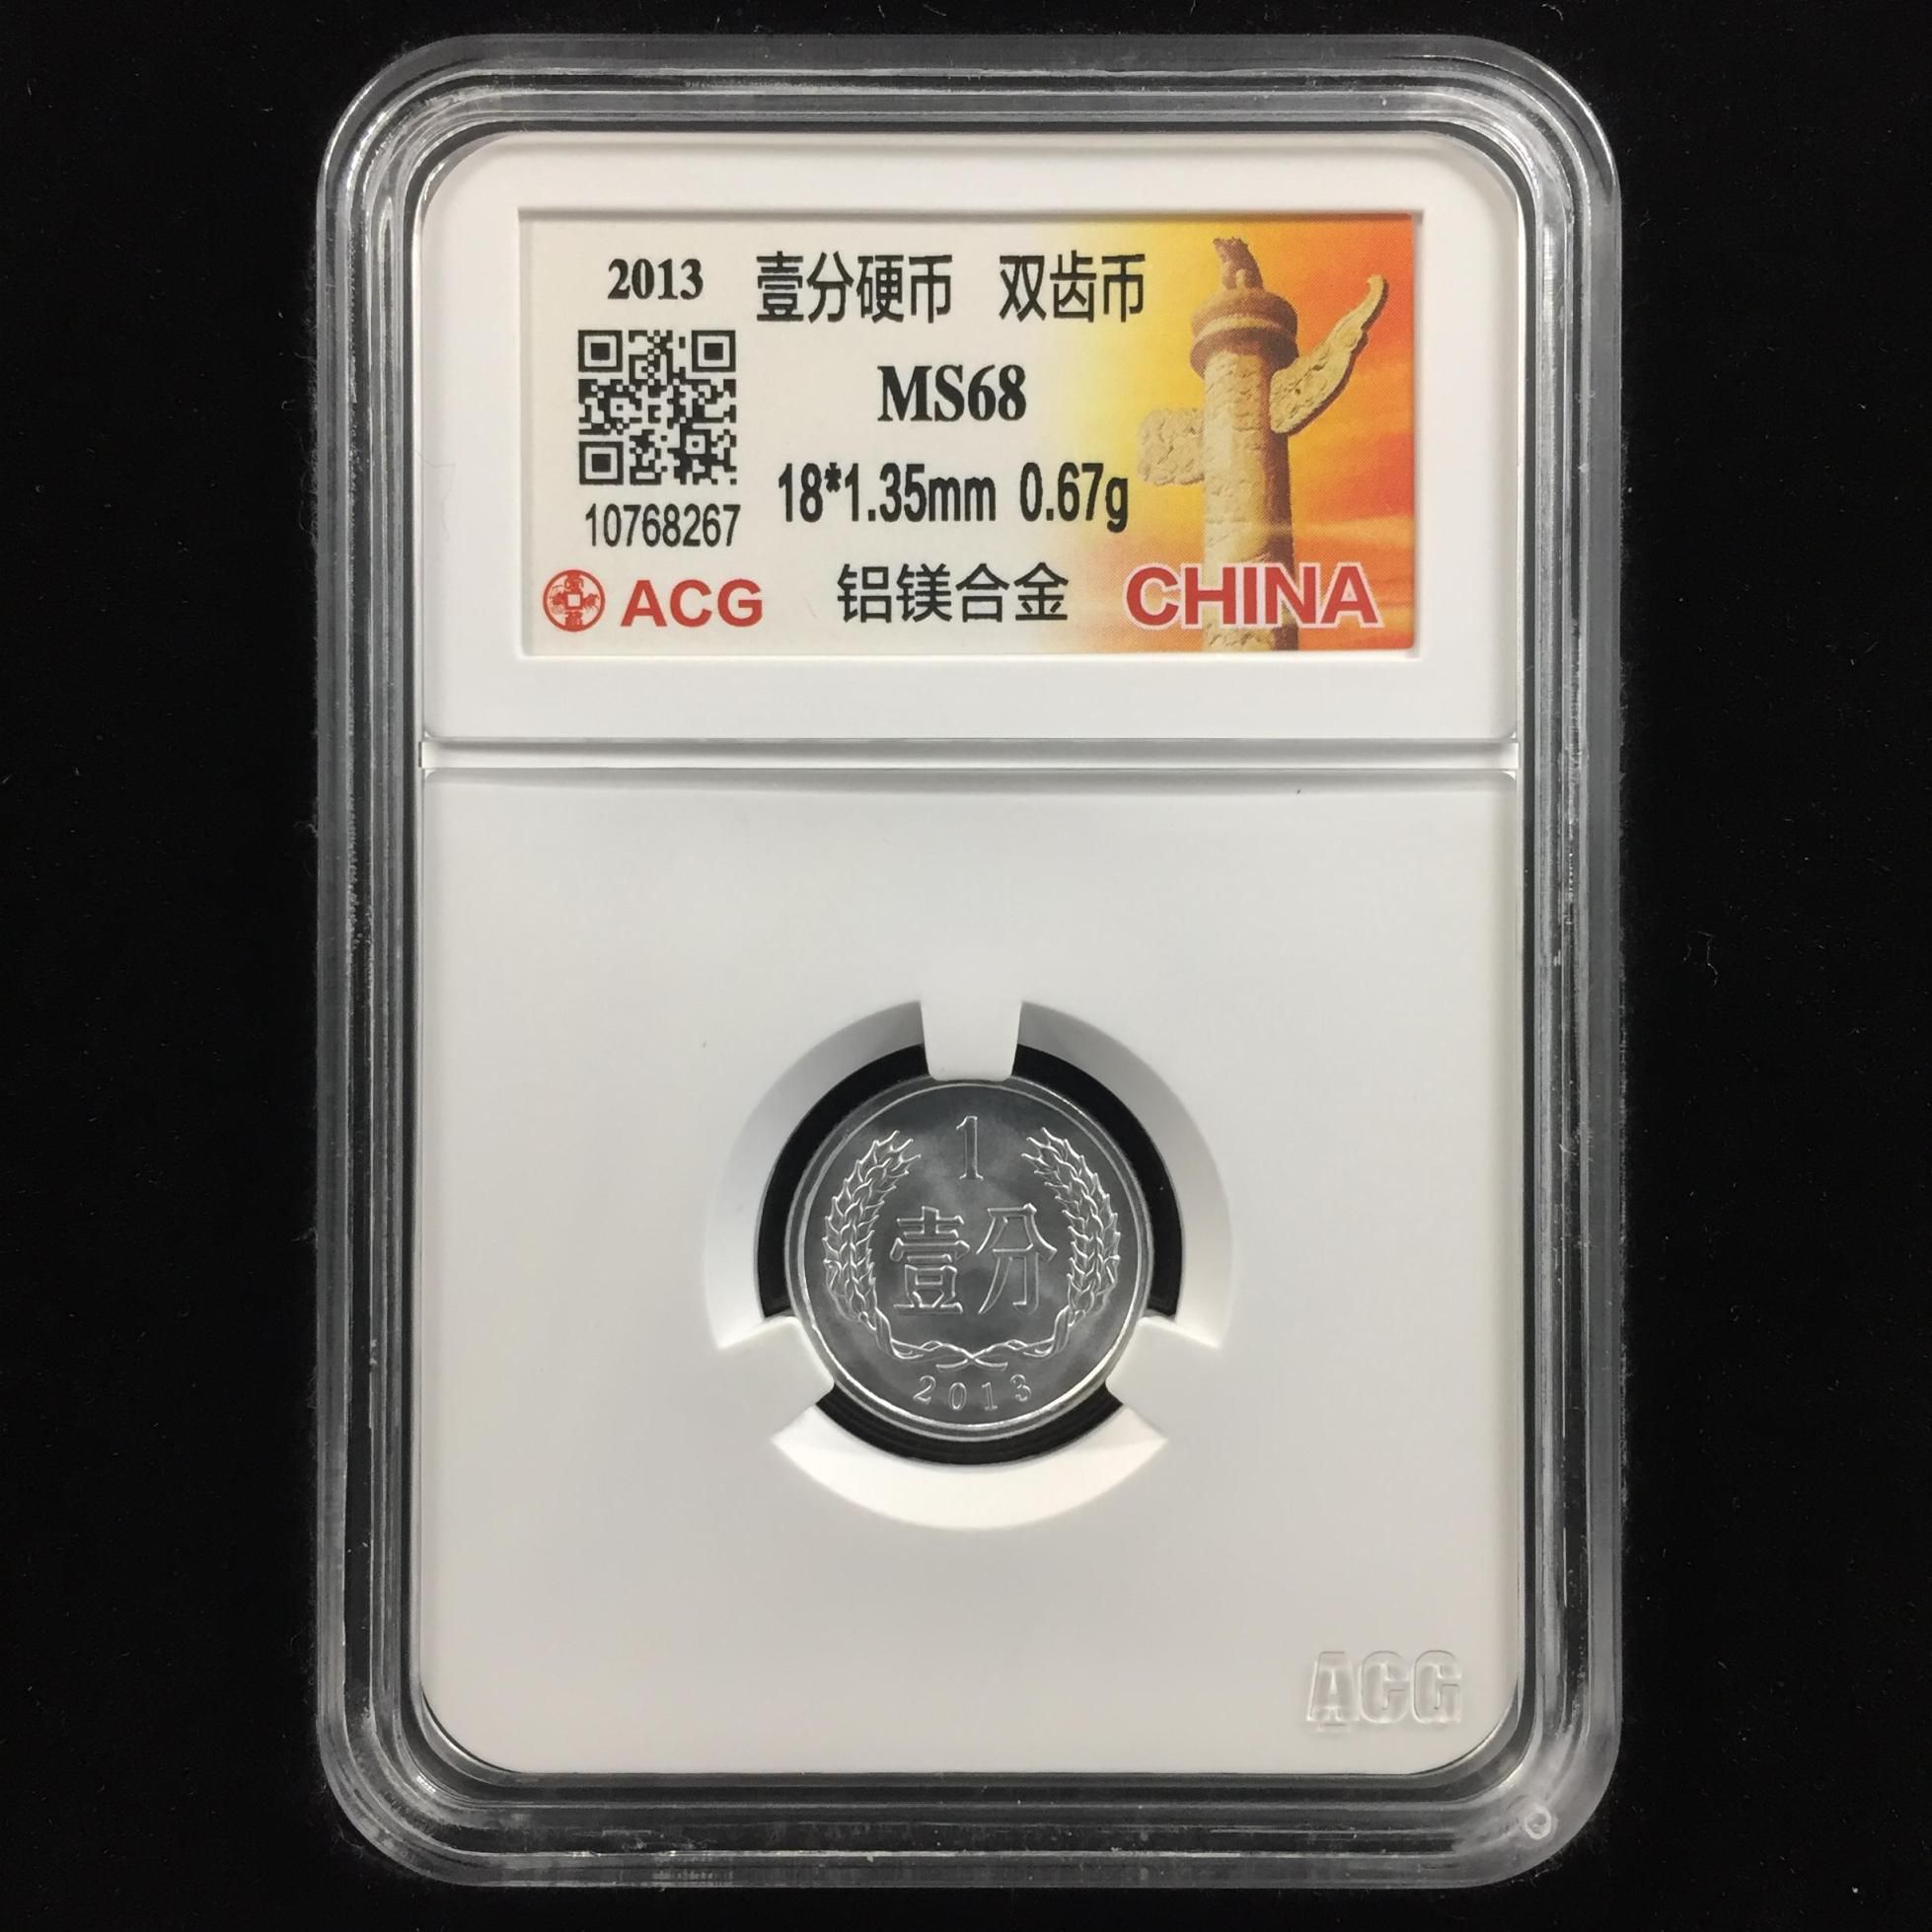 双齿币→2013年1分硬币→ACG鉴定证书-10768267